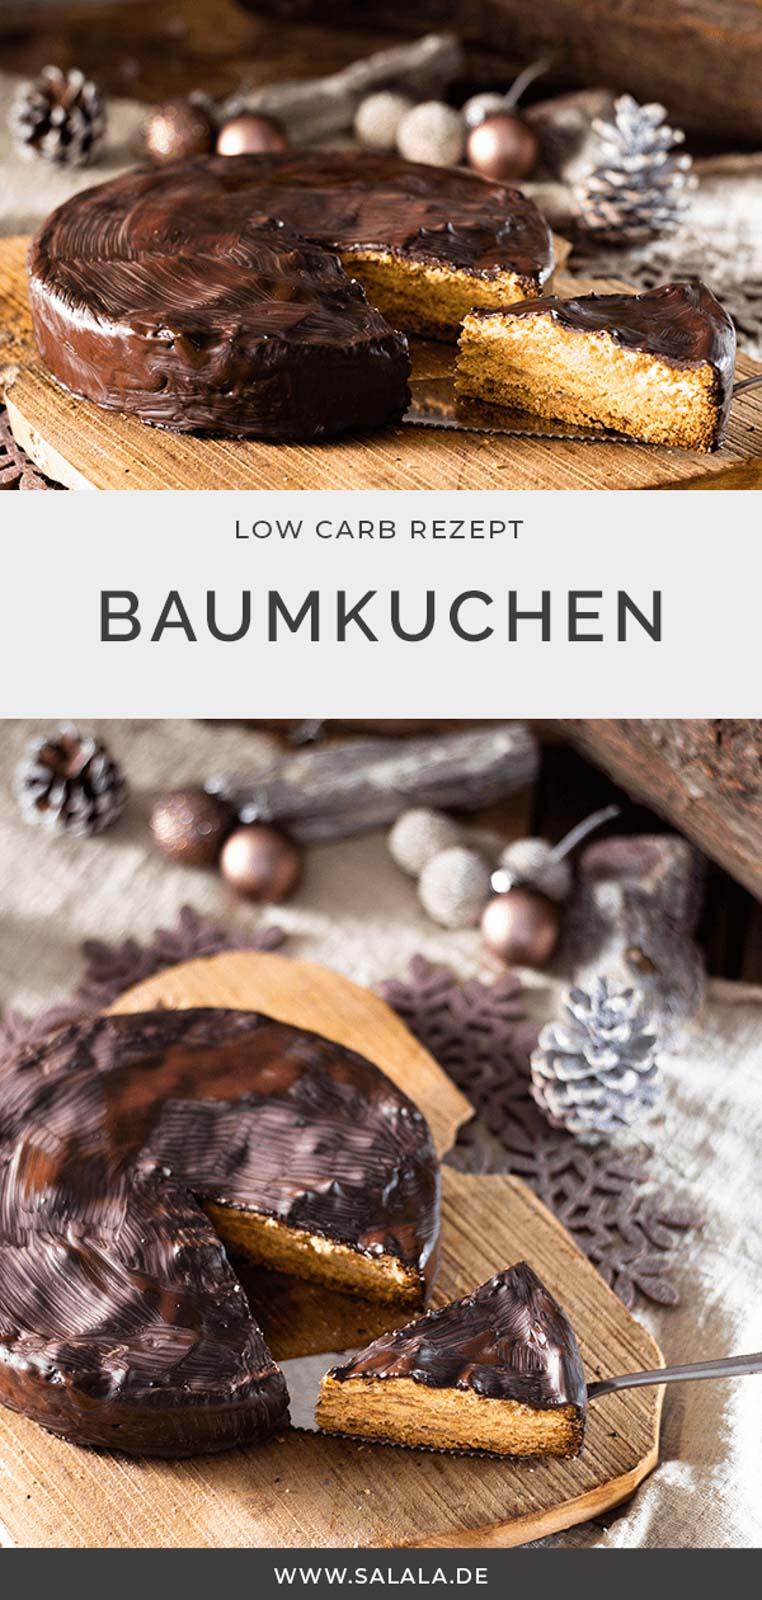 Baumkuchen. Das ist doch der Kuchen der so oft gebacken werden muss oder? Jap, genau der. Und wir haben ihn Lowcarbifiziert. Ohne Kokosmehl, dafür mit Bambusfasern. Und mit wenig Kohlenhydraten schmeckt der Baumkuchen gleich doppelt so lecker. Den musst du probieren. #lowcarb #lowcarbbaumkuchen #lowcarbweihnachten #lowcarbweihnachtsgebaeck #baumkuchenohnemehl #glutenfreierbaumkuchen